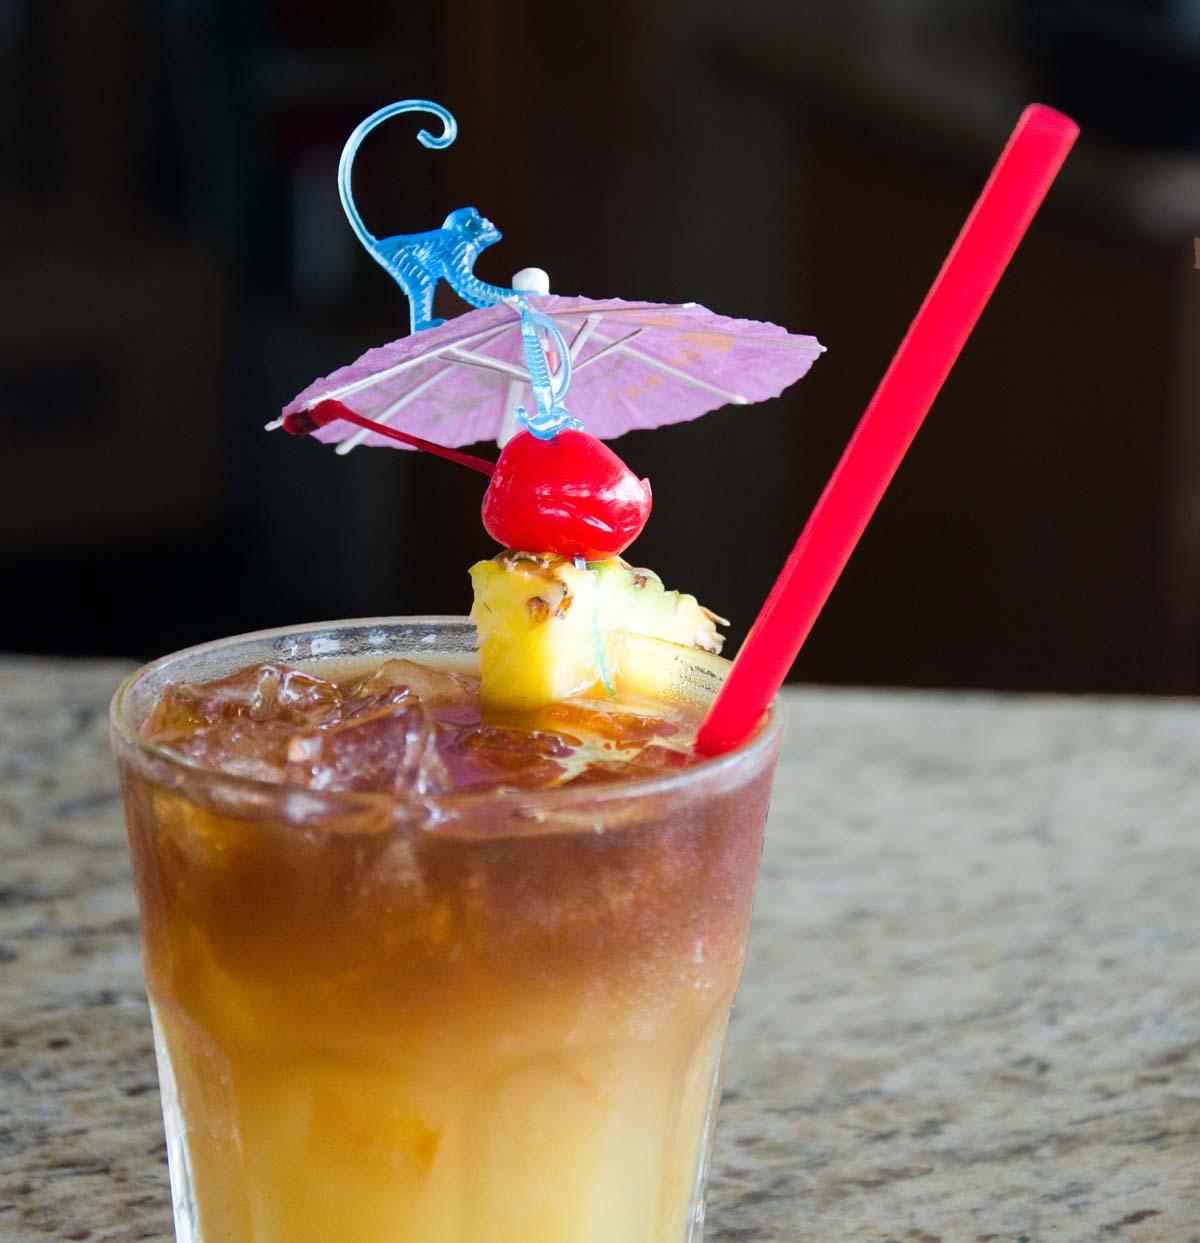 mai tai cocktail with umbrella - photo #21